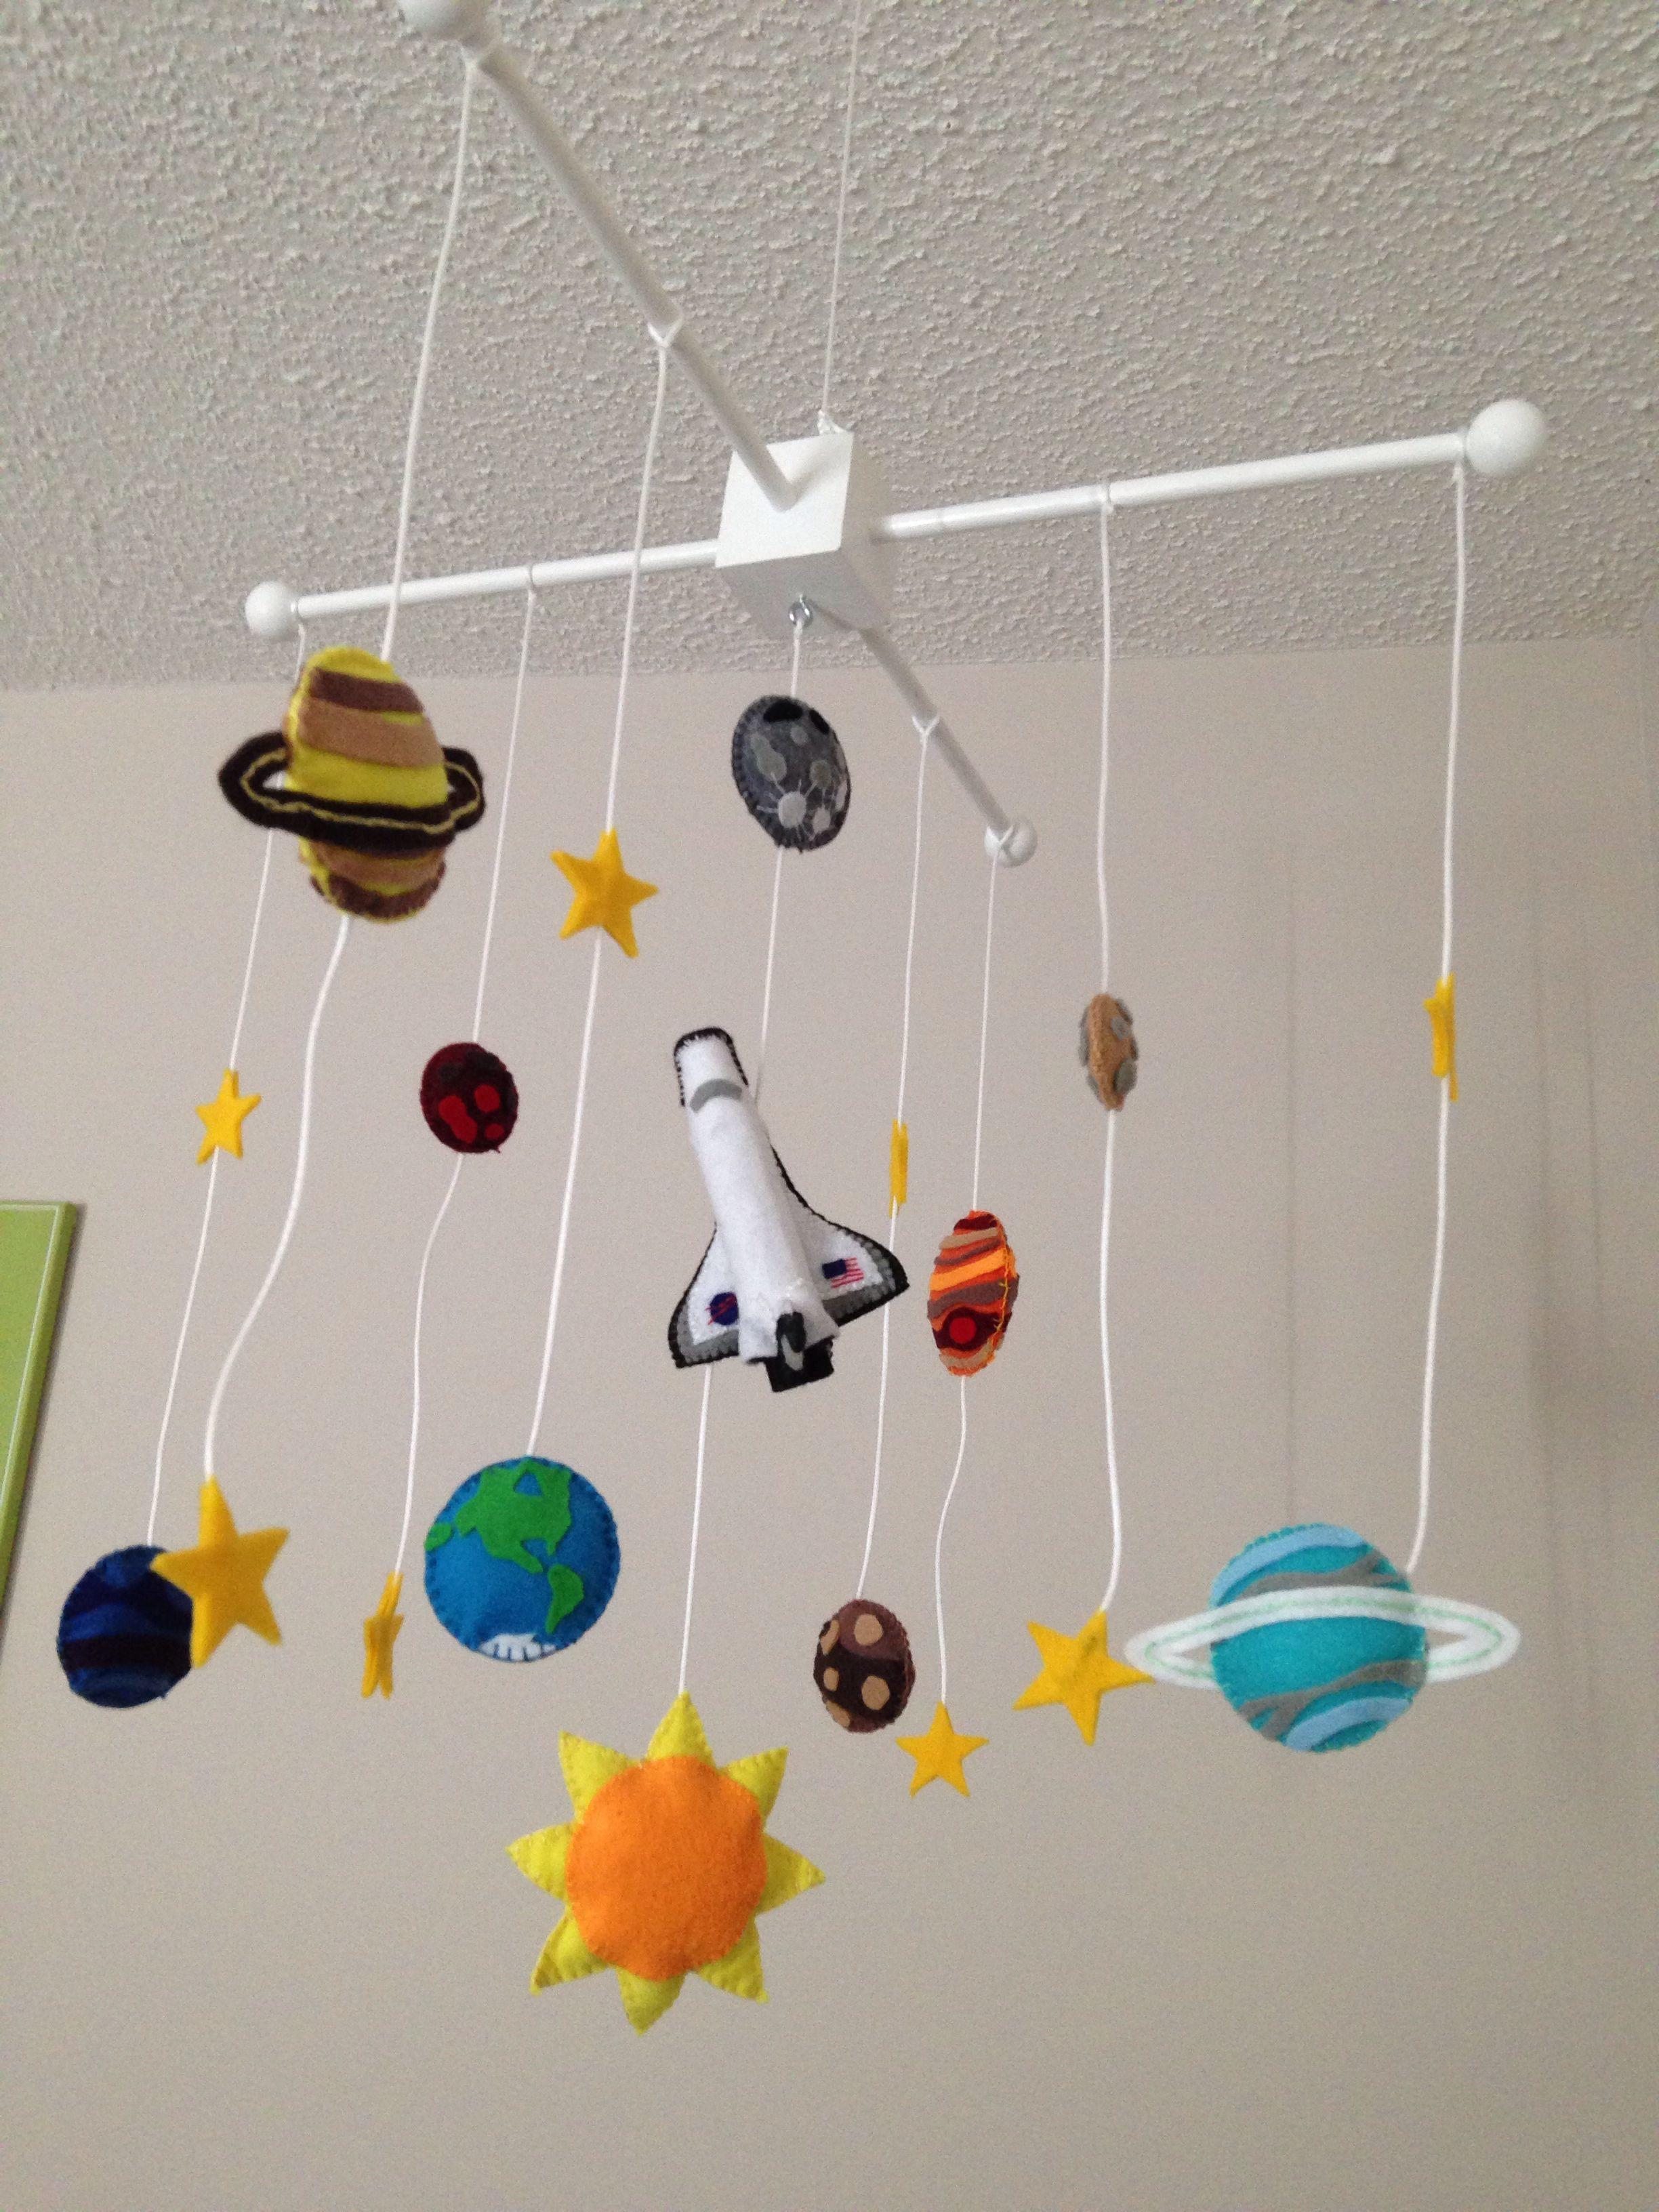 Nursery Decor Art Diy Handmade Felt Solar System Space Shuttle